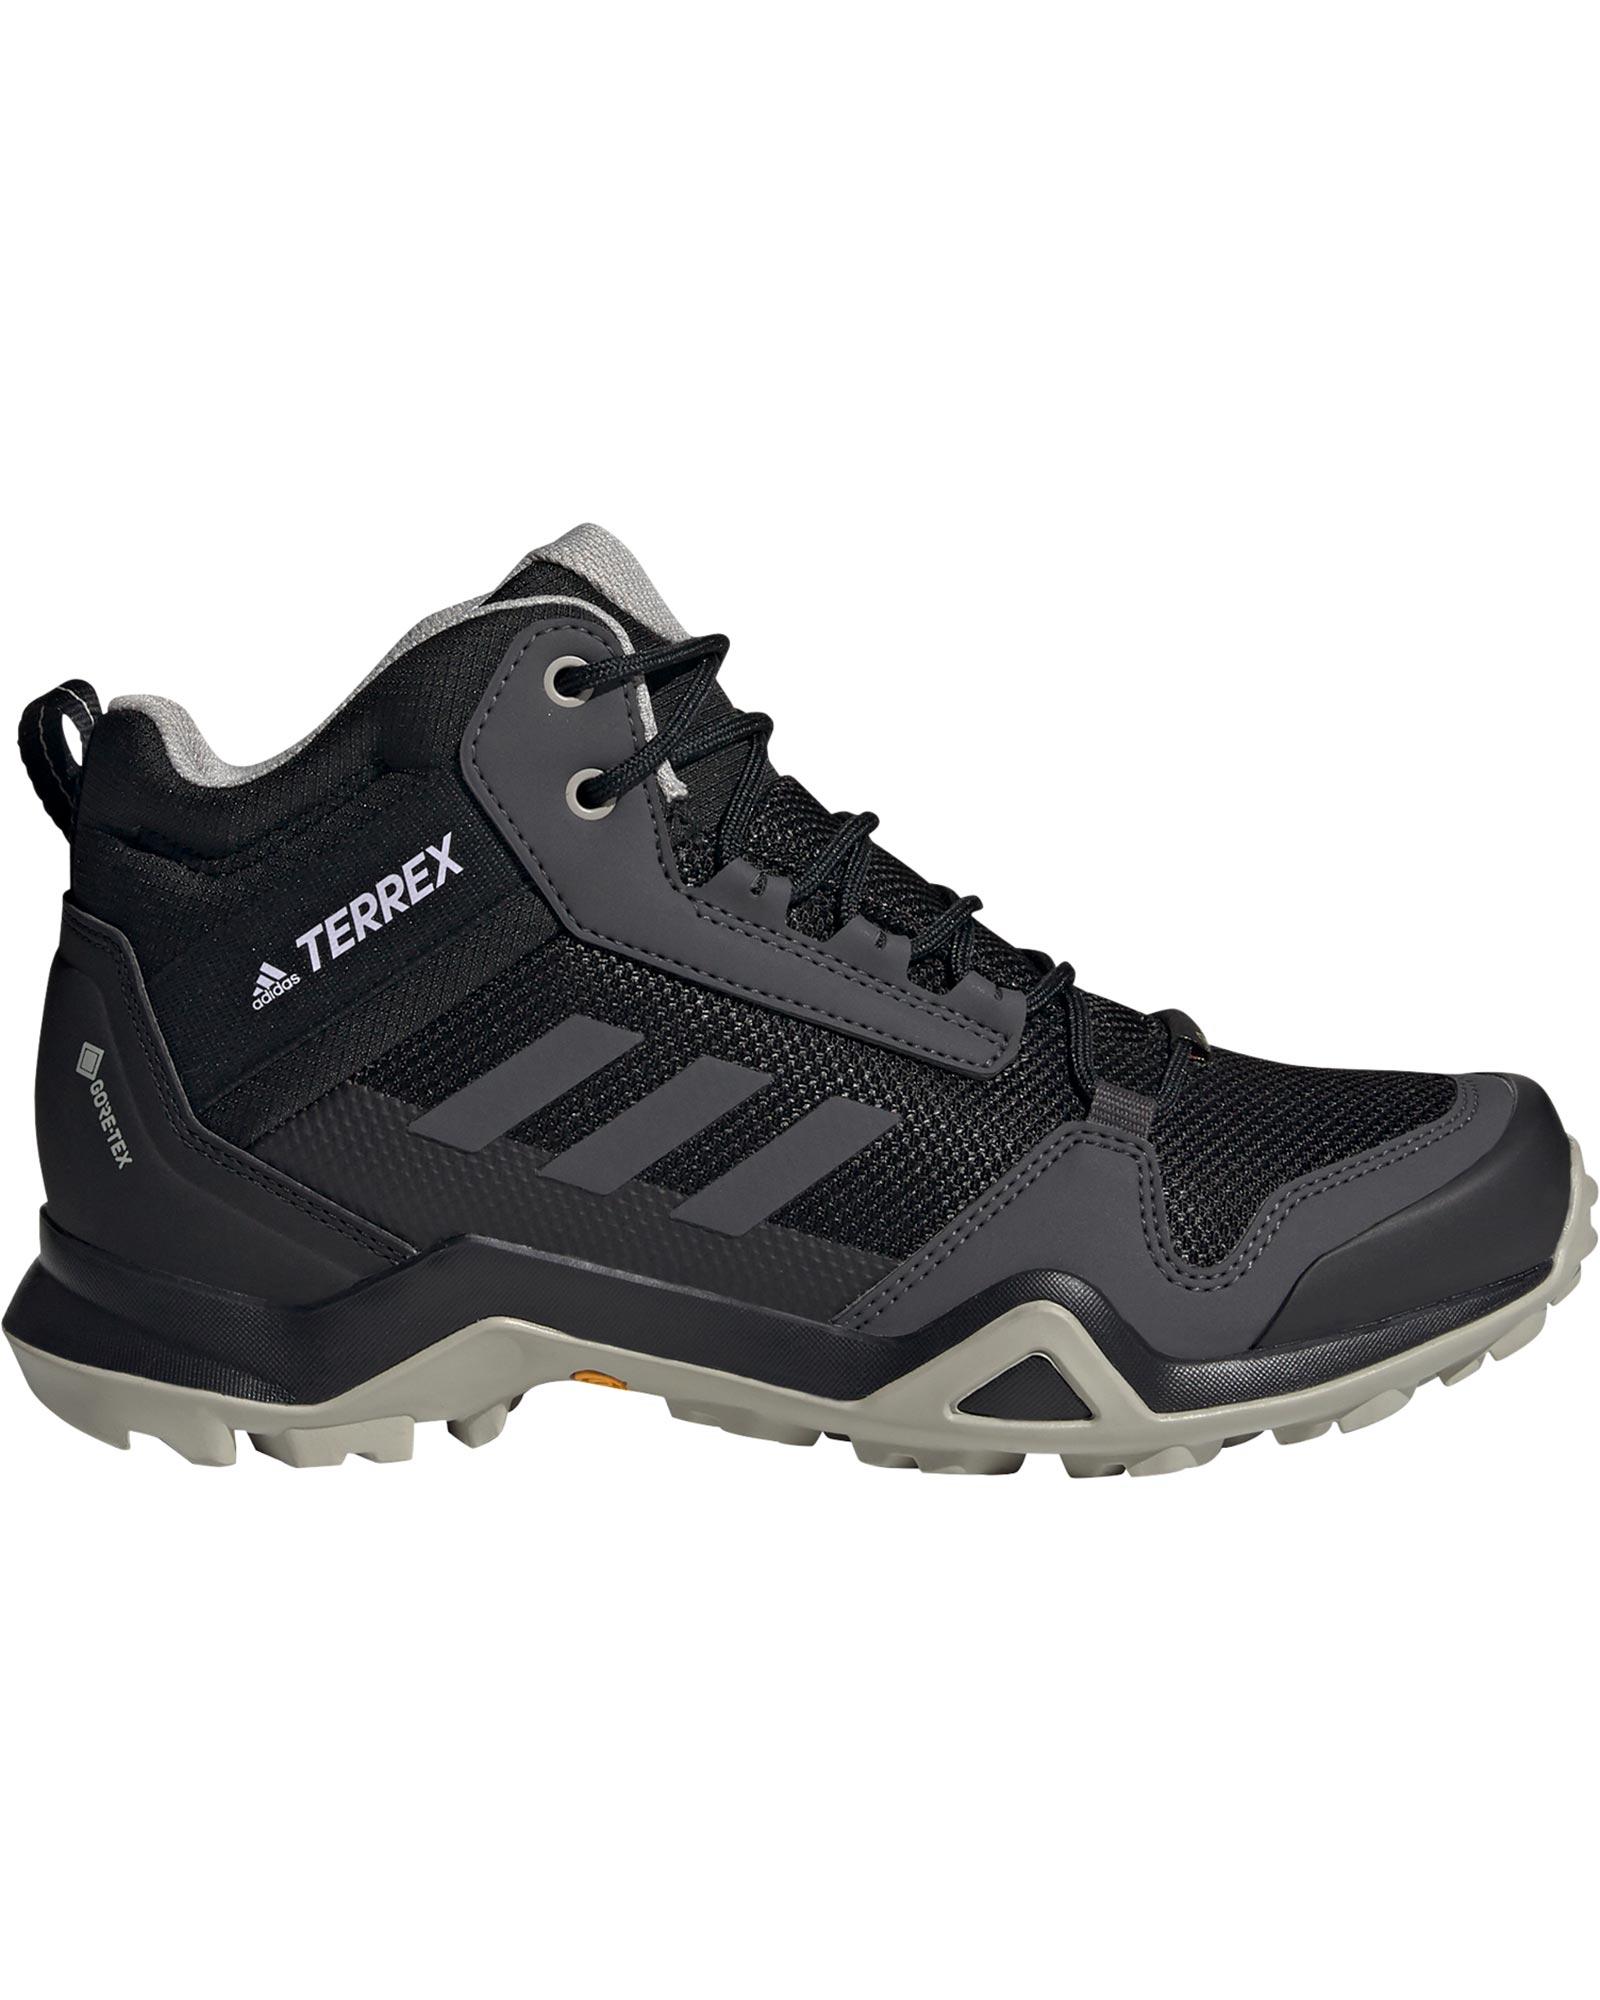 Trekking & Outdoor Adidas Terrex Terrex AX3 Mid GORe-TeX Women's Boots